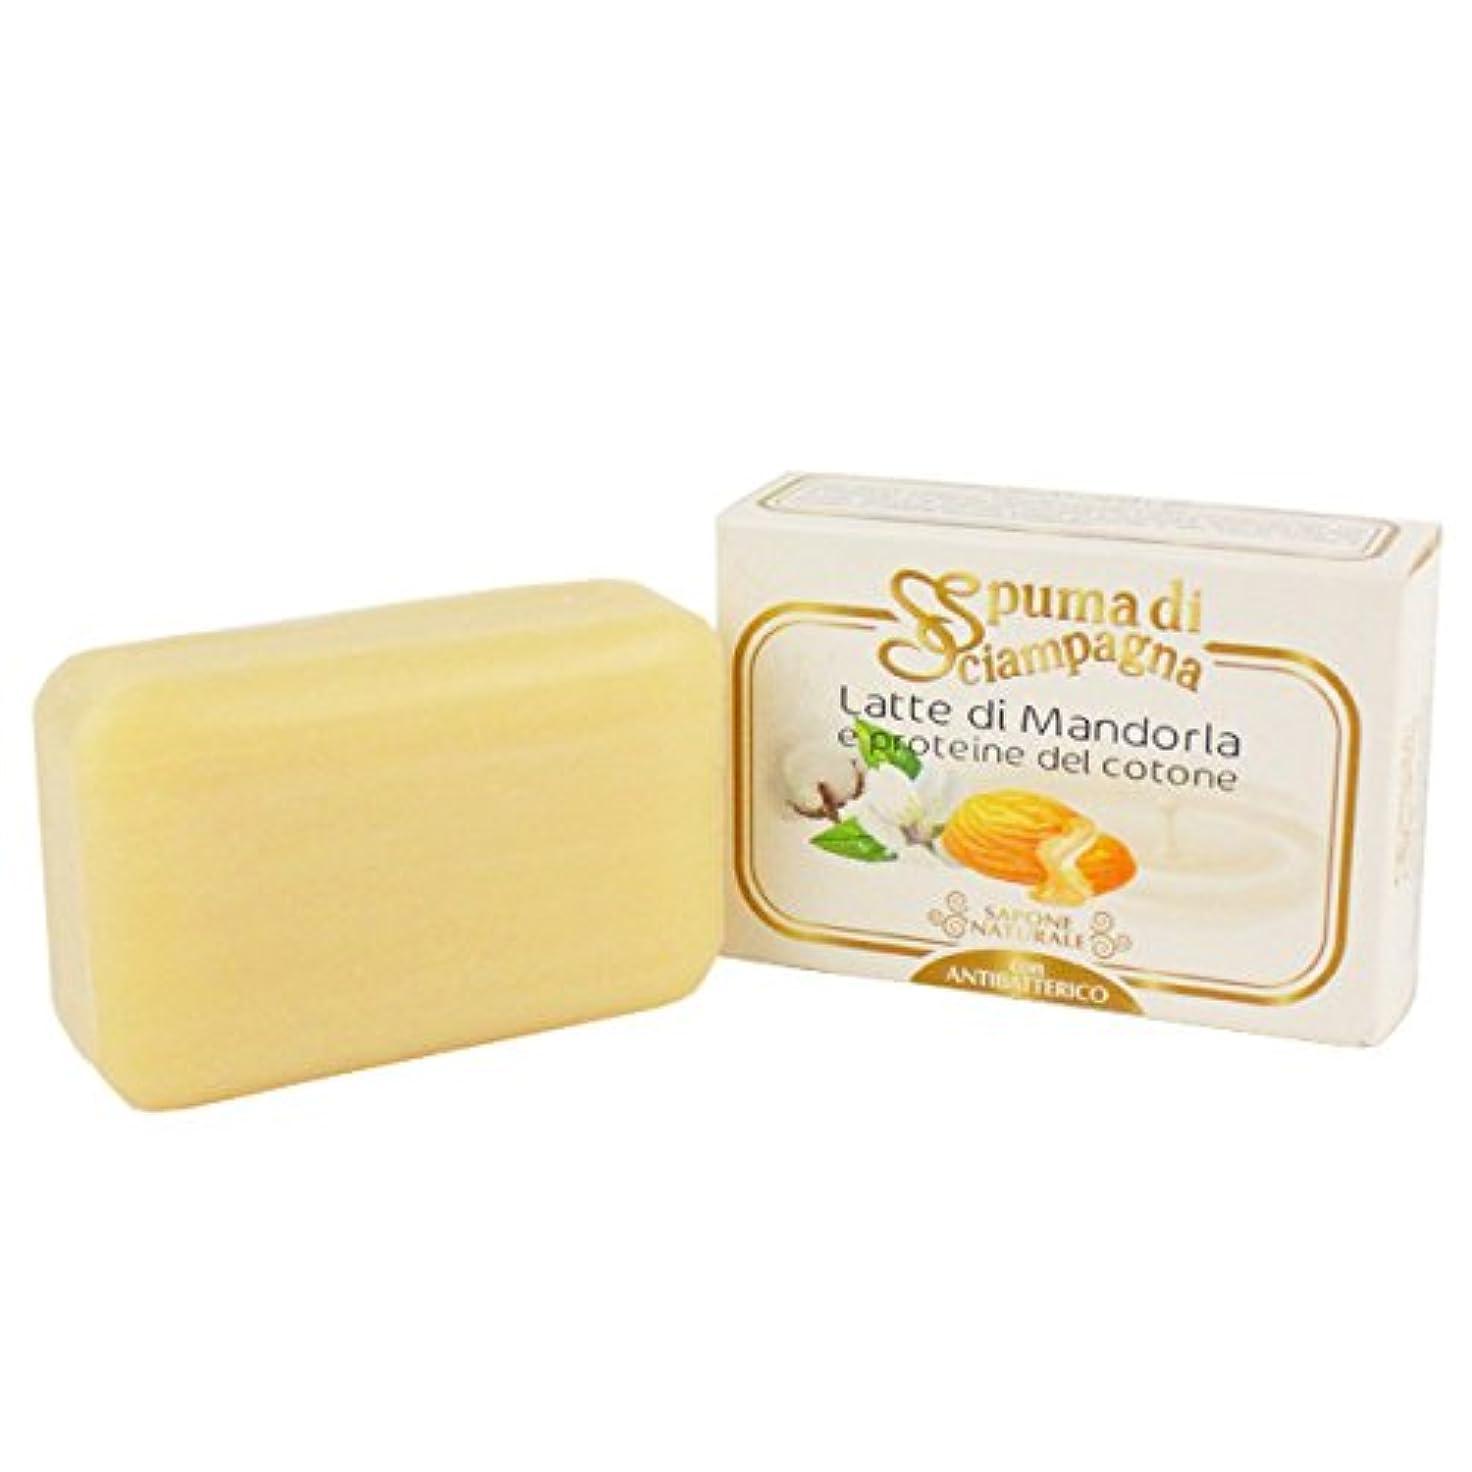 アクセス騒々しいバックアップSpuma di Sciampagna (スプーマ ディ シャンパーニャ) ナチュラルソープ 化粧石けん 145g アーモンドの香り